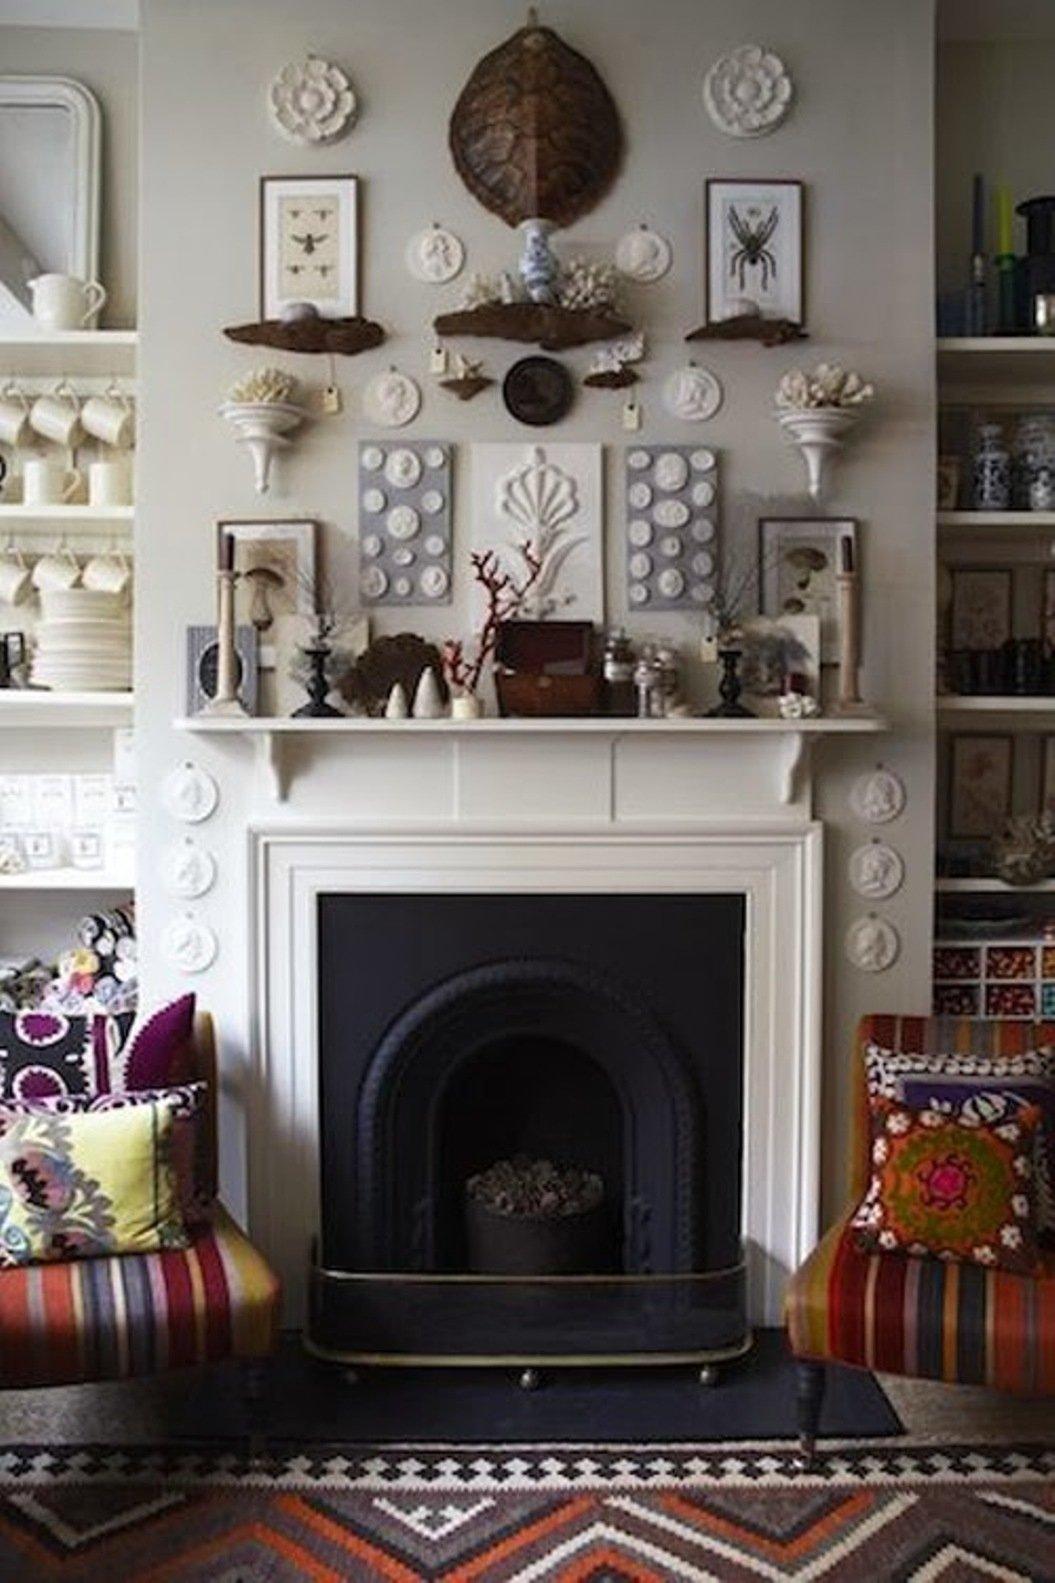 10 Unique Ideas For Fireplace Mantel Decor 15 decorating ideas over fireplace mantel images fireplace ideas